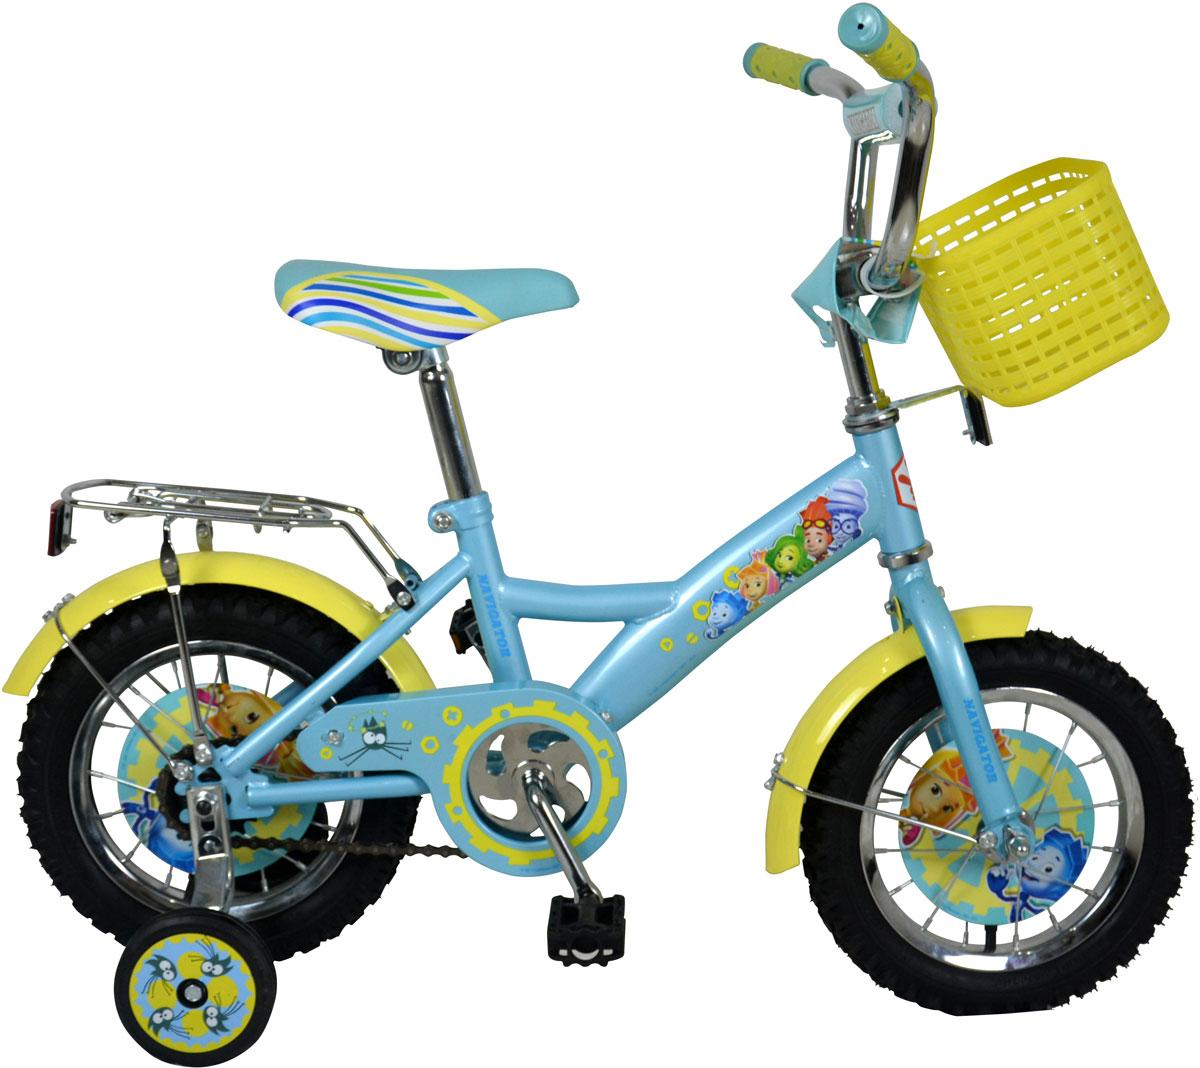 Велосипед детский Navigator Фиксики, цвет: голубой. ВН12095К. ВН12095К велосипед детский navigator том и джерри цвет желтый 16 вн16114